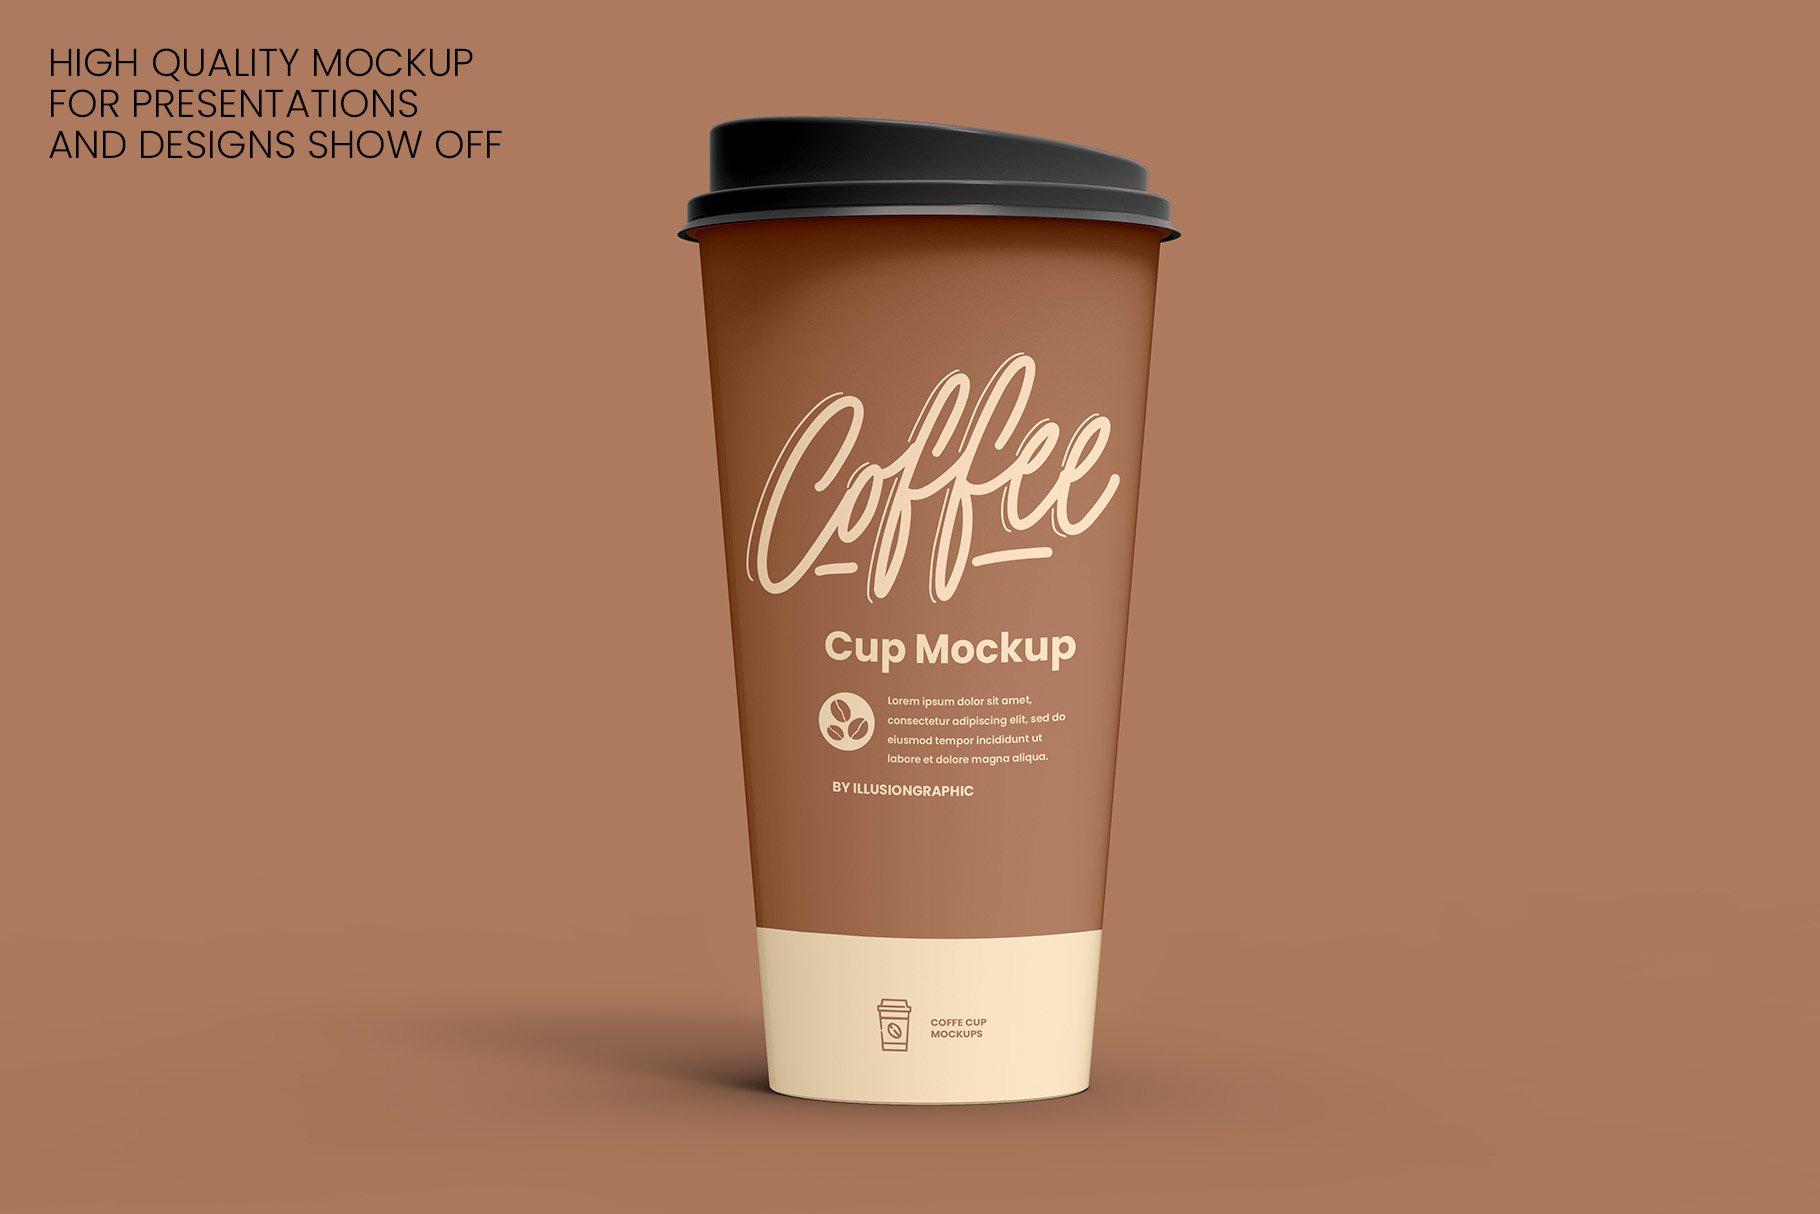 8个一次性咖啡外卖纸杯设计贴图样机模板 Coffee Cup Mockup – 8 views插图1